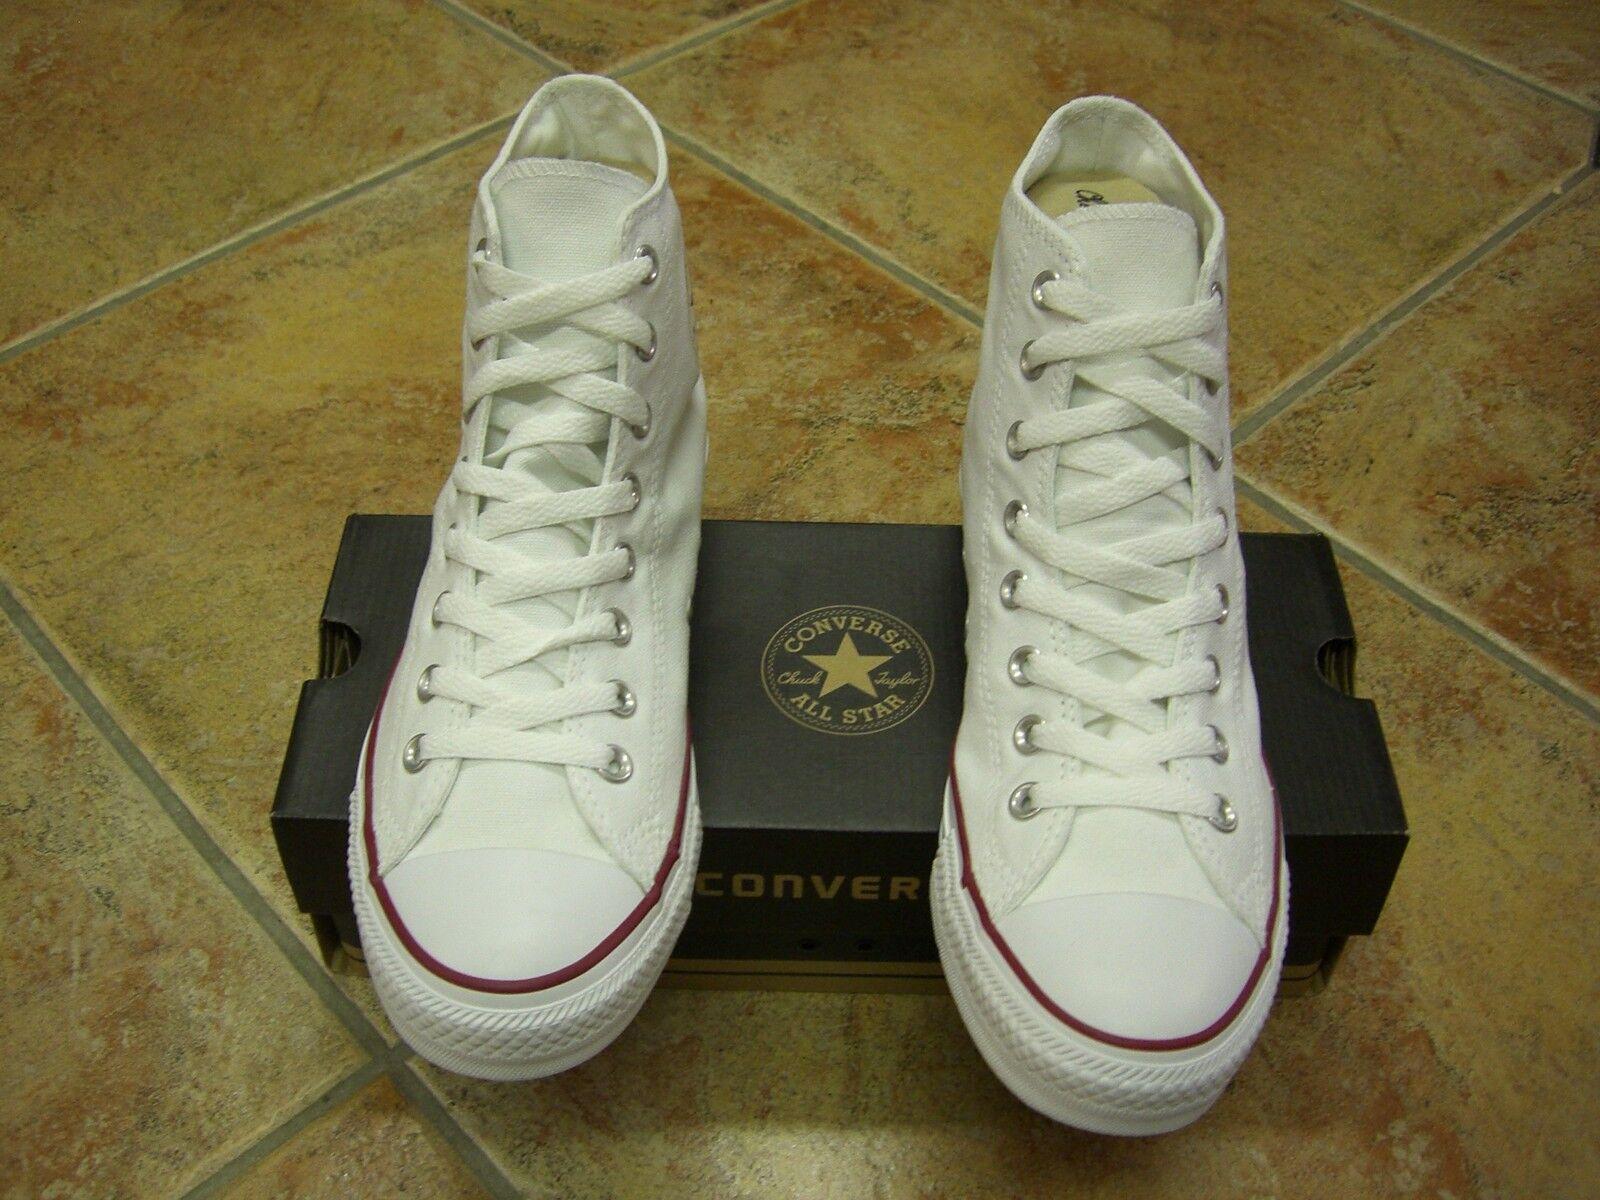 Converse Chucks All Star HI Gr.37 Optical WEISS Weiß M7650 Top Neu